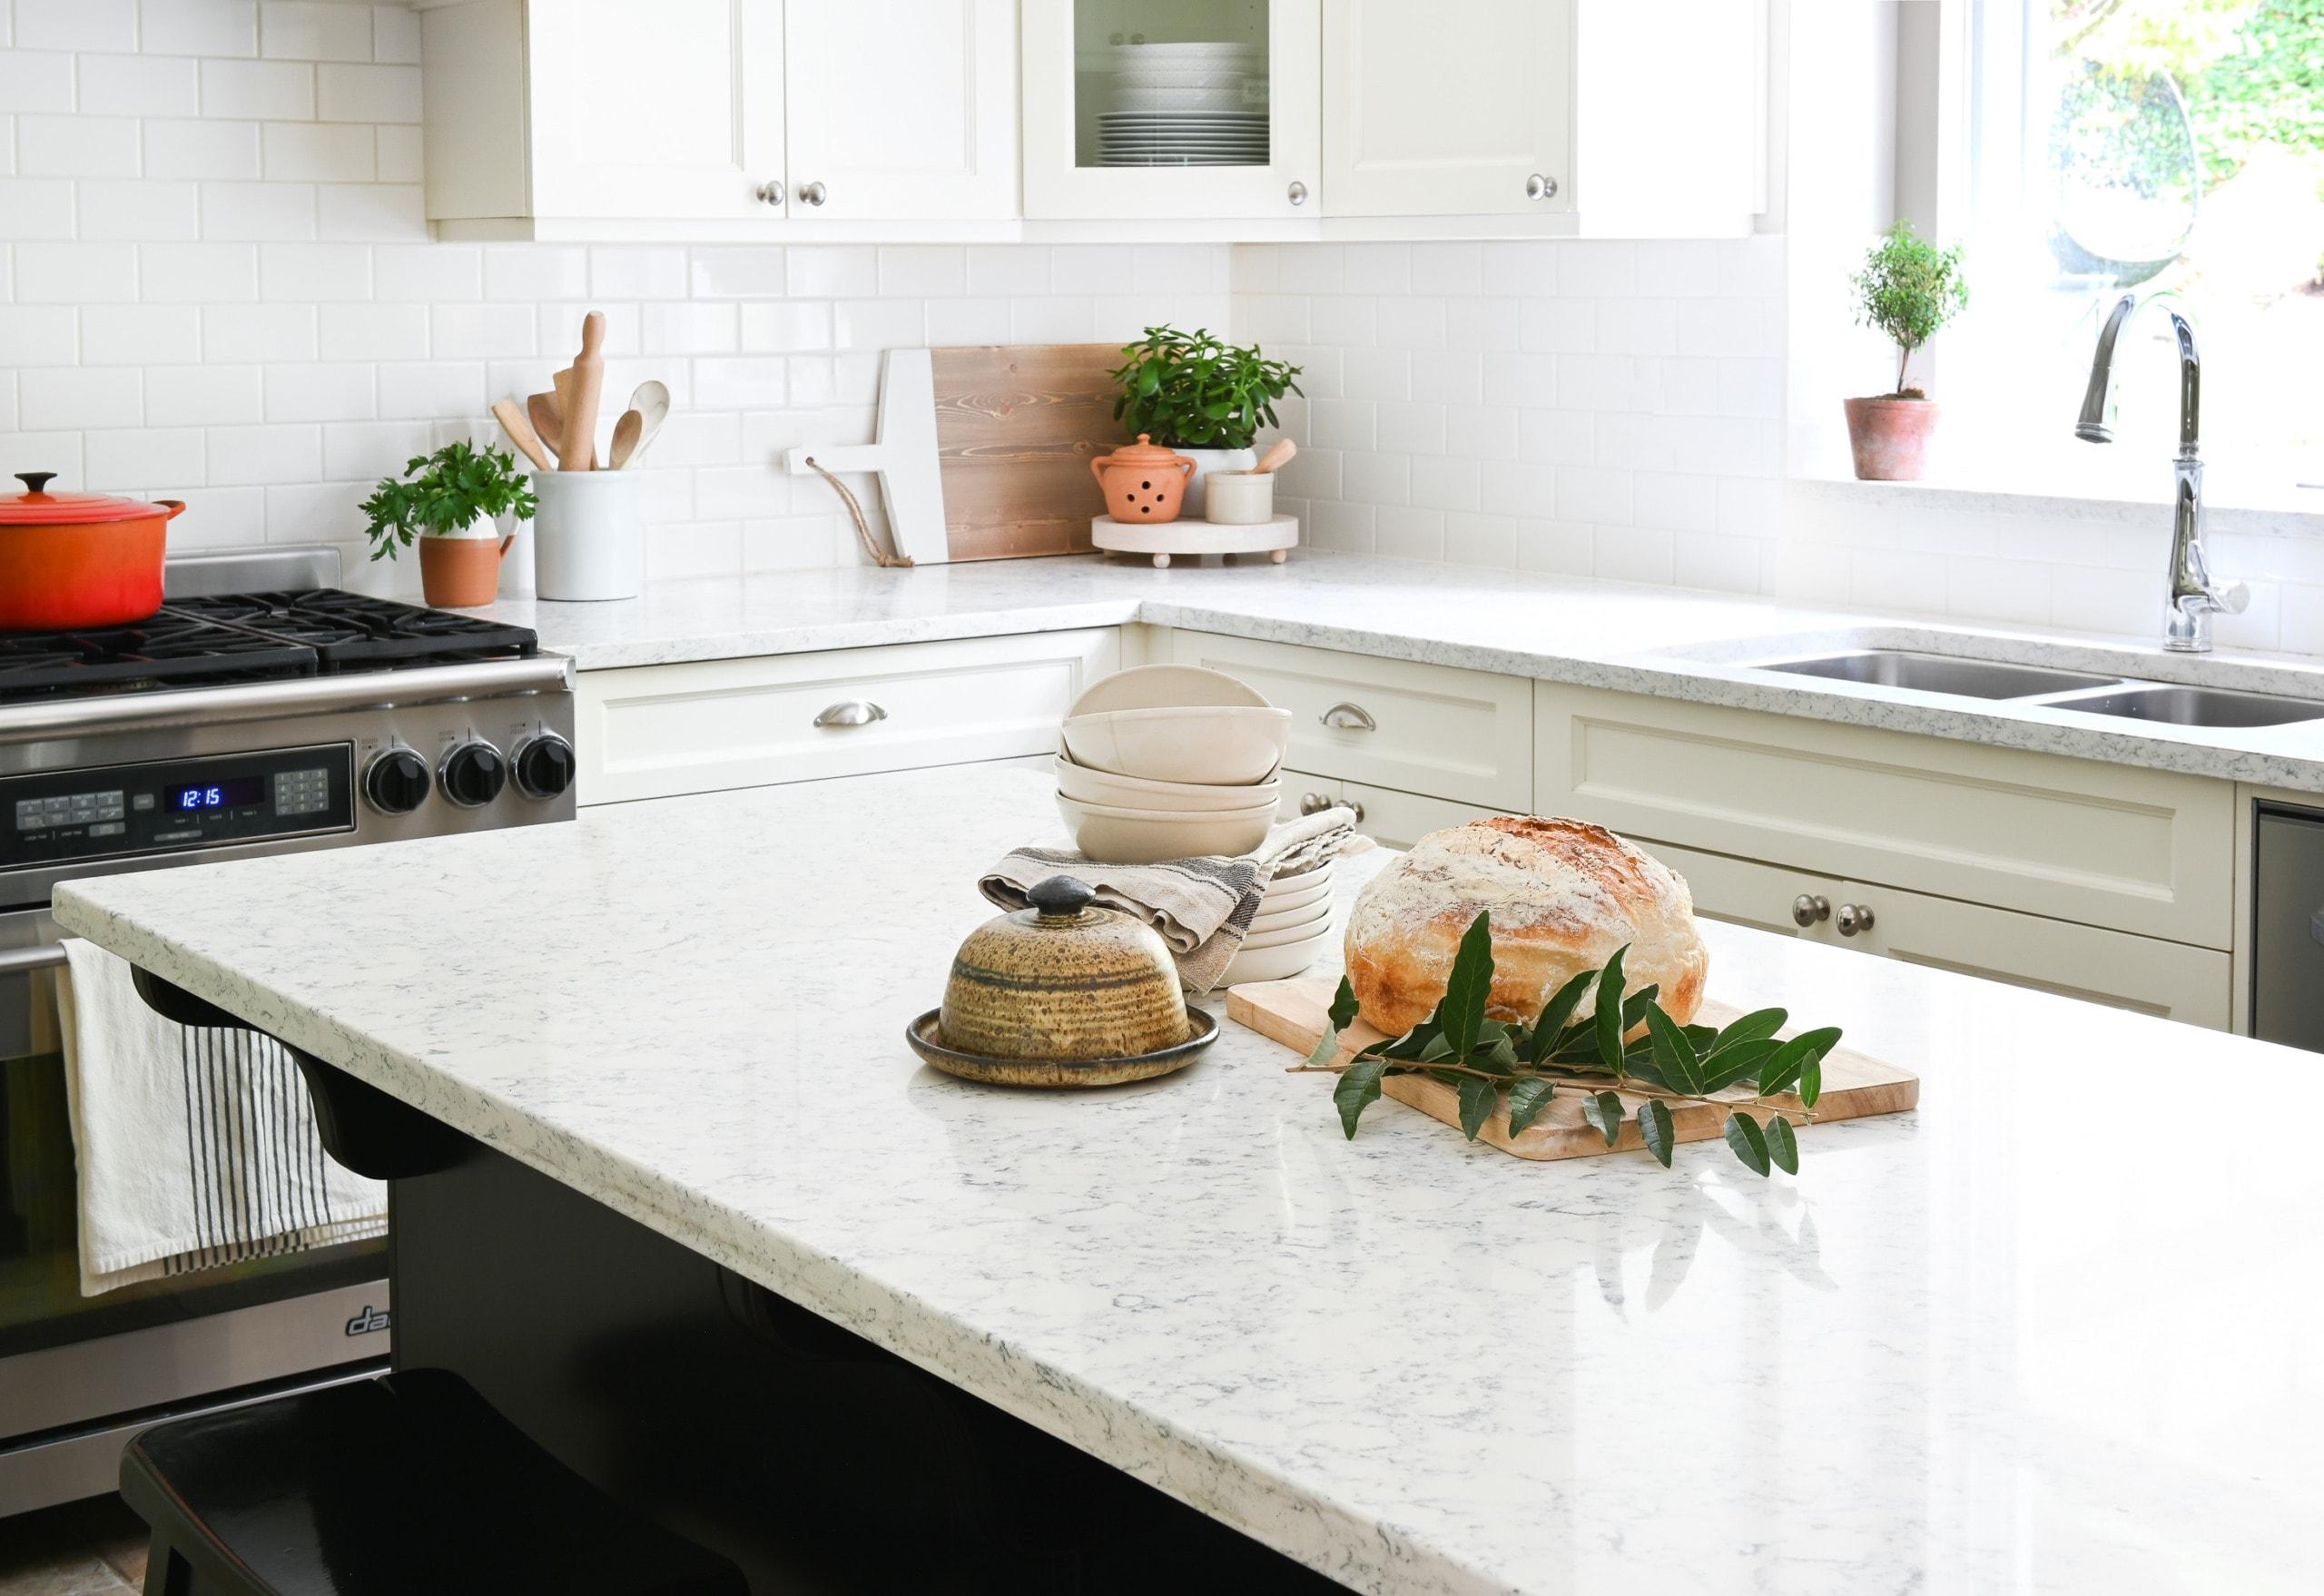 A farmhouse style kitchen